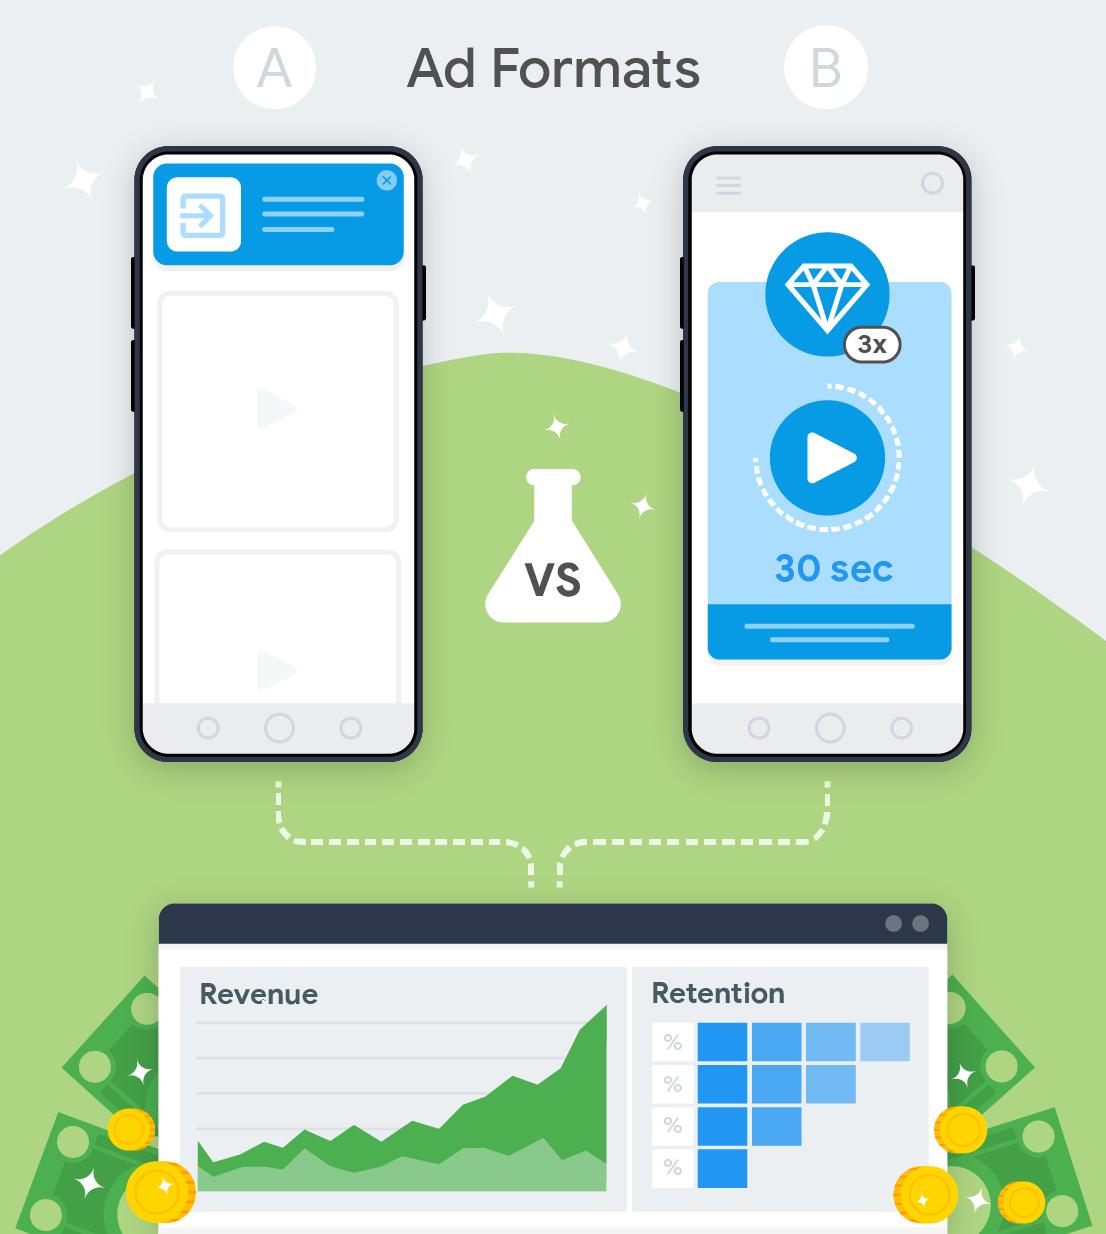 tester deux formats d'annonces et leur impact sur les revenus et la rétention